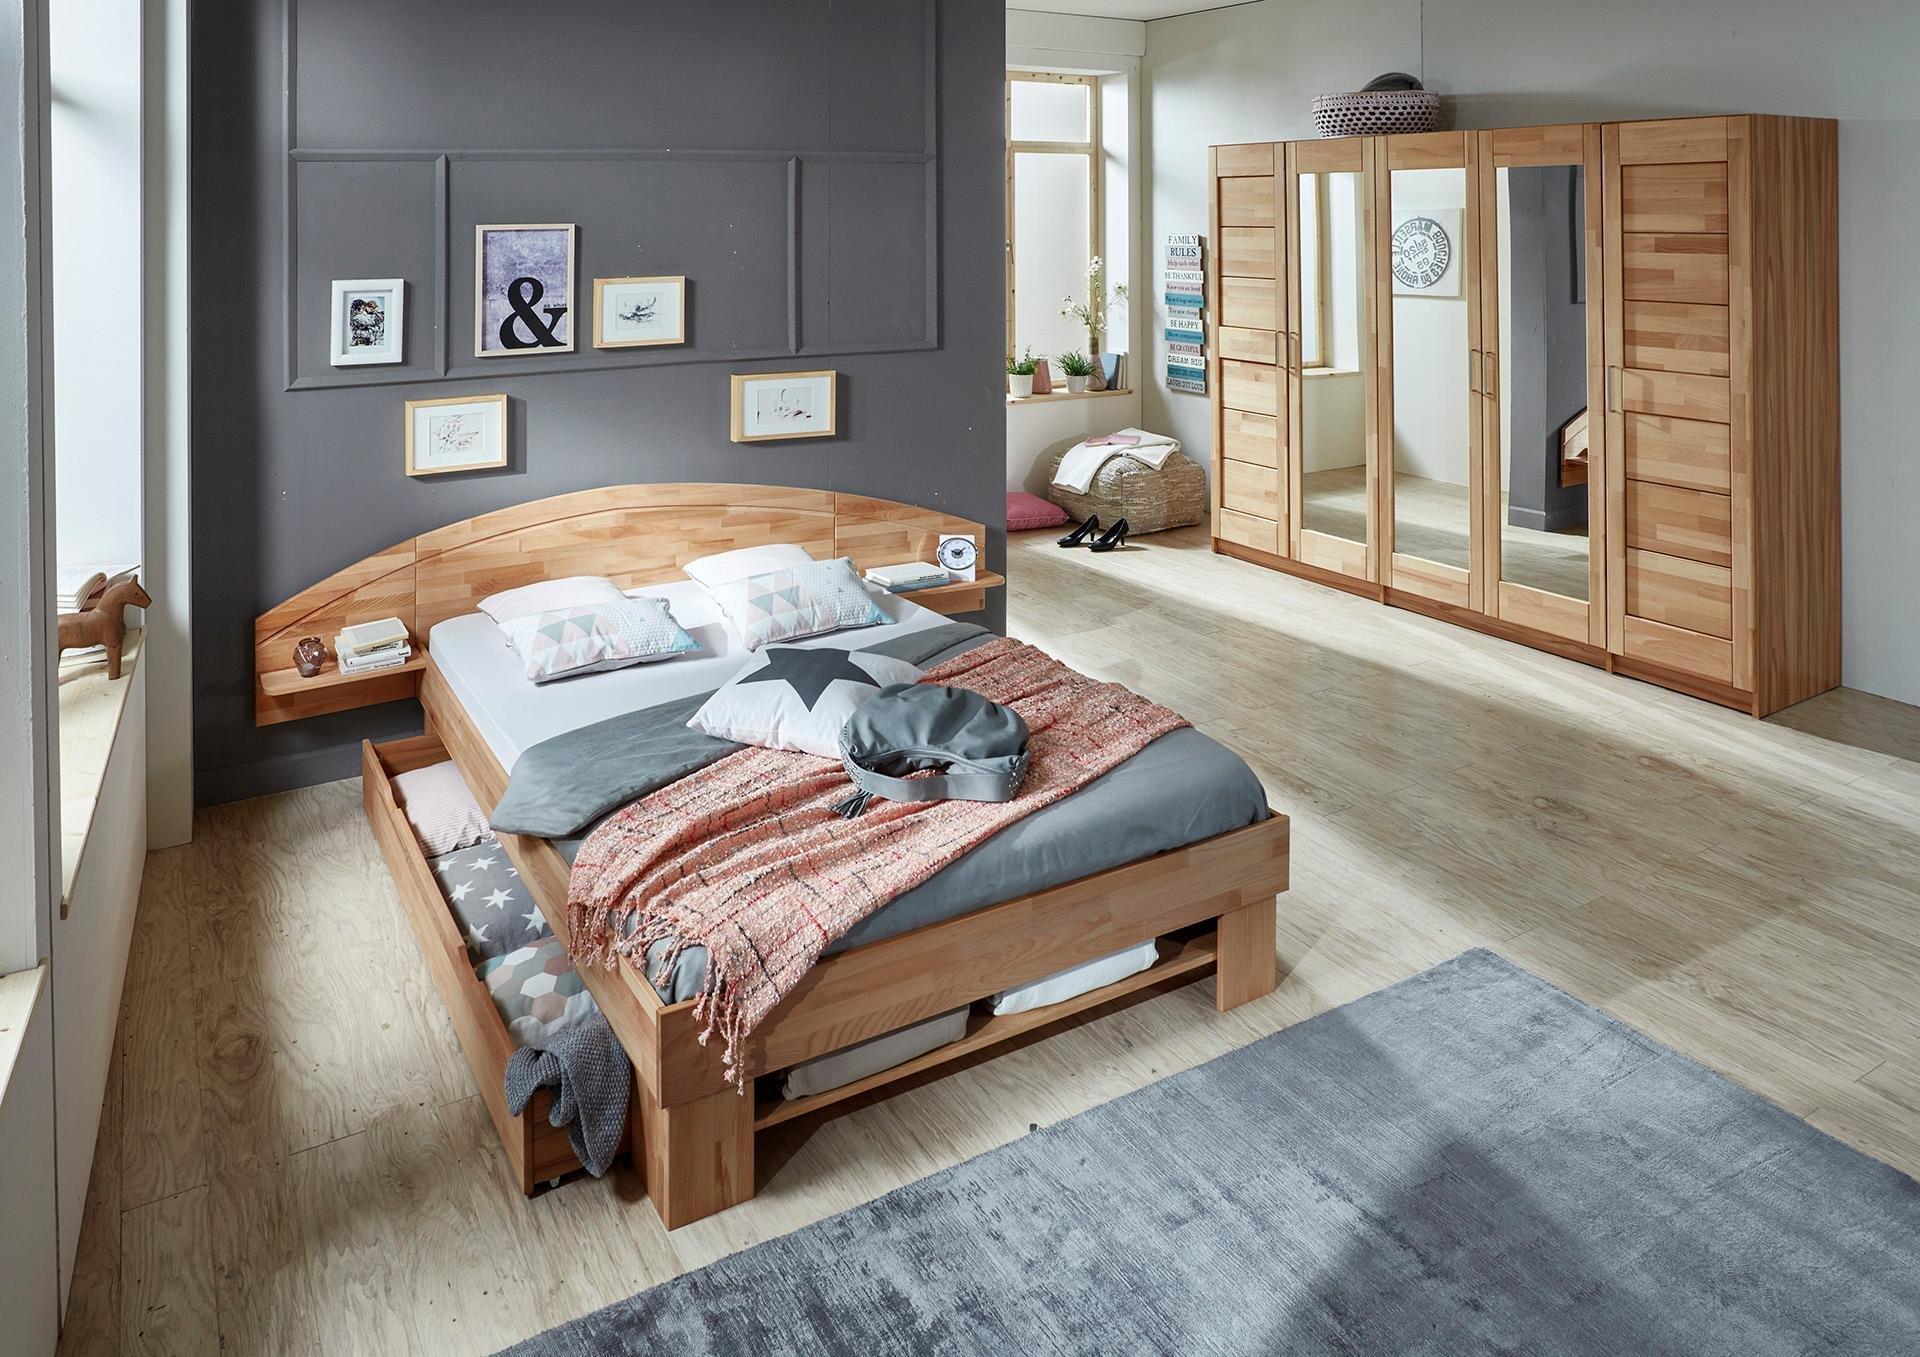 Full Size of Stauraumbett 200x200 Bett Stauraum Komforthöhe Betten Mit Bettkasten Weiß Wohnzimmer Stauraumbett 200x200